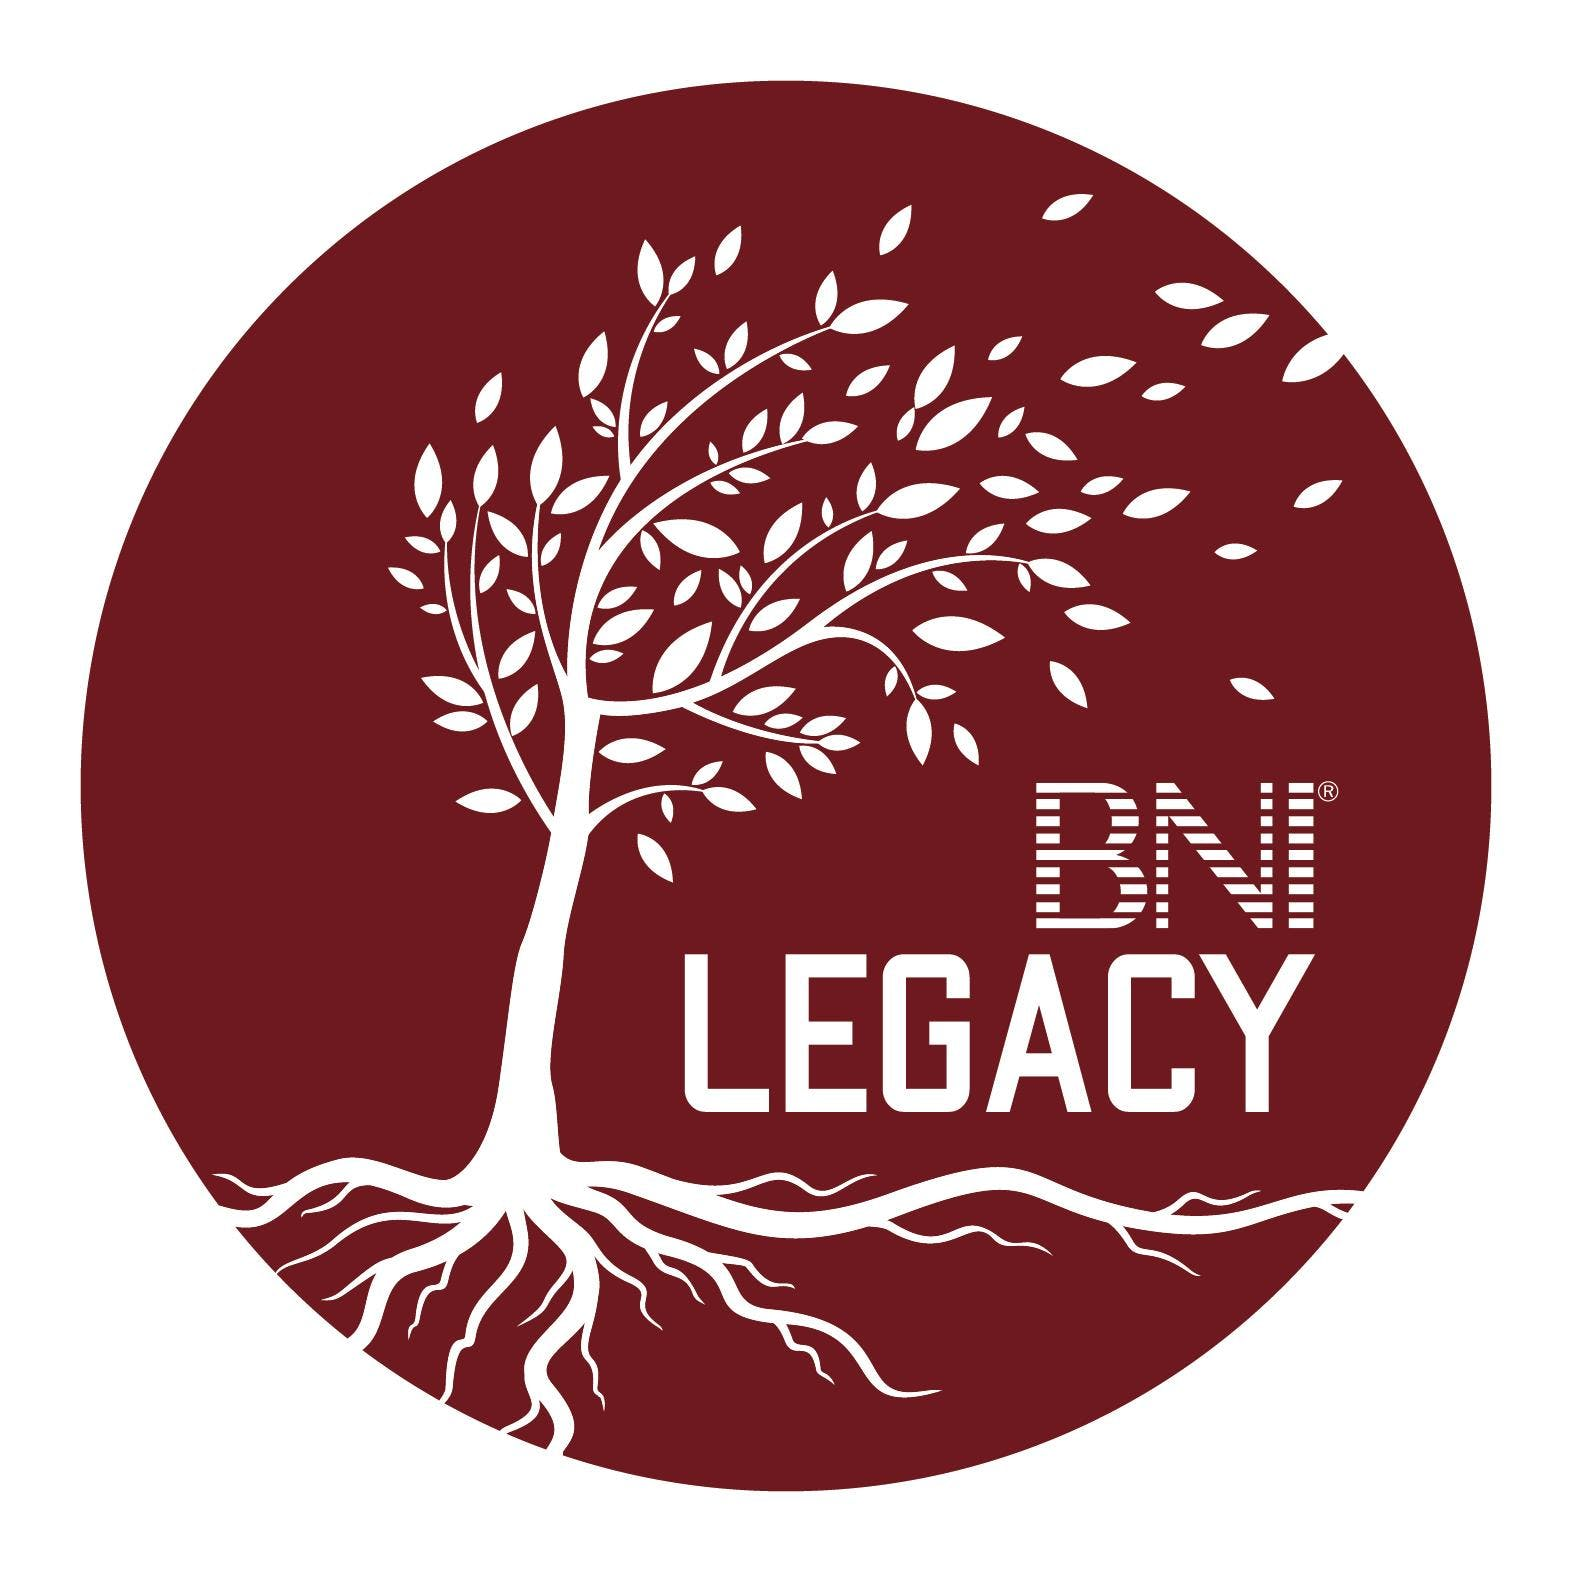 BNI Legacy Greenwich